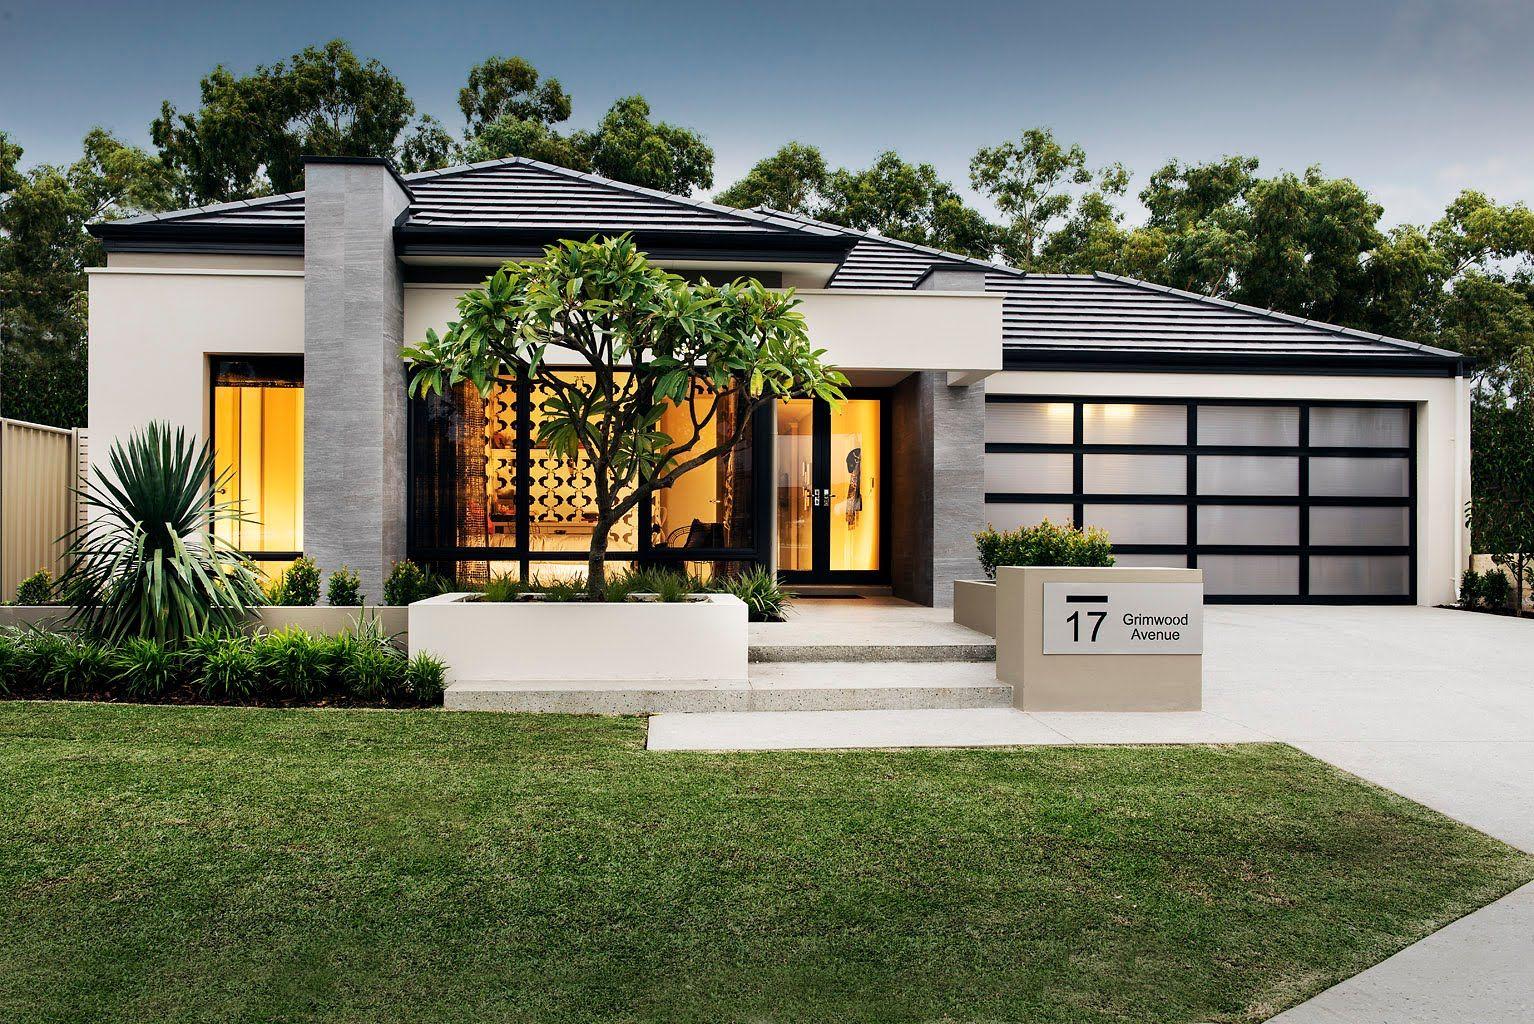 Modern Home Design The Millennials Home Modern Homedesign Inspiration House Front Design House Front Modern House Design